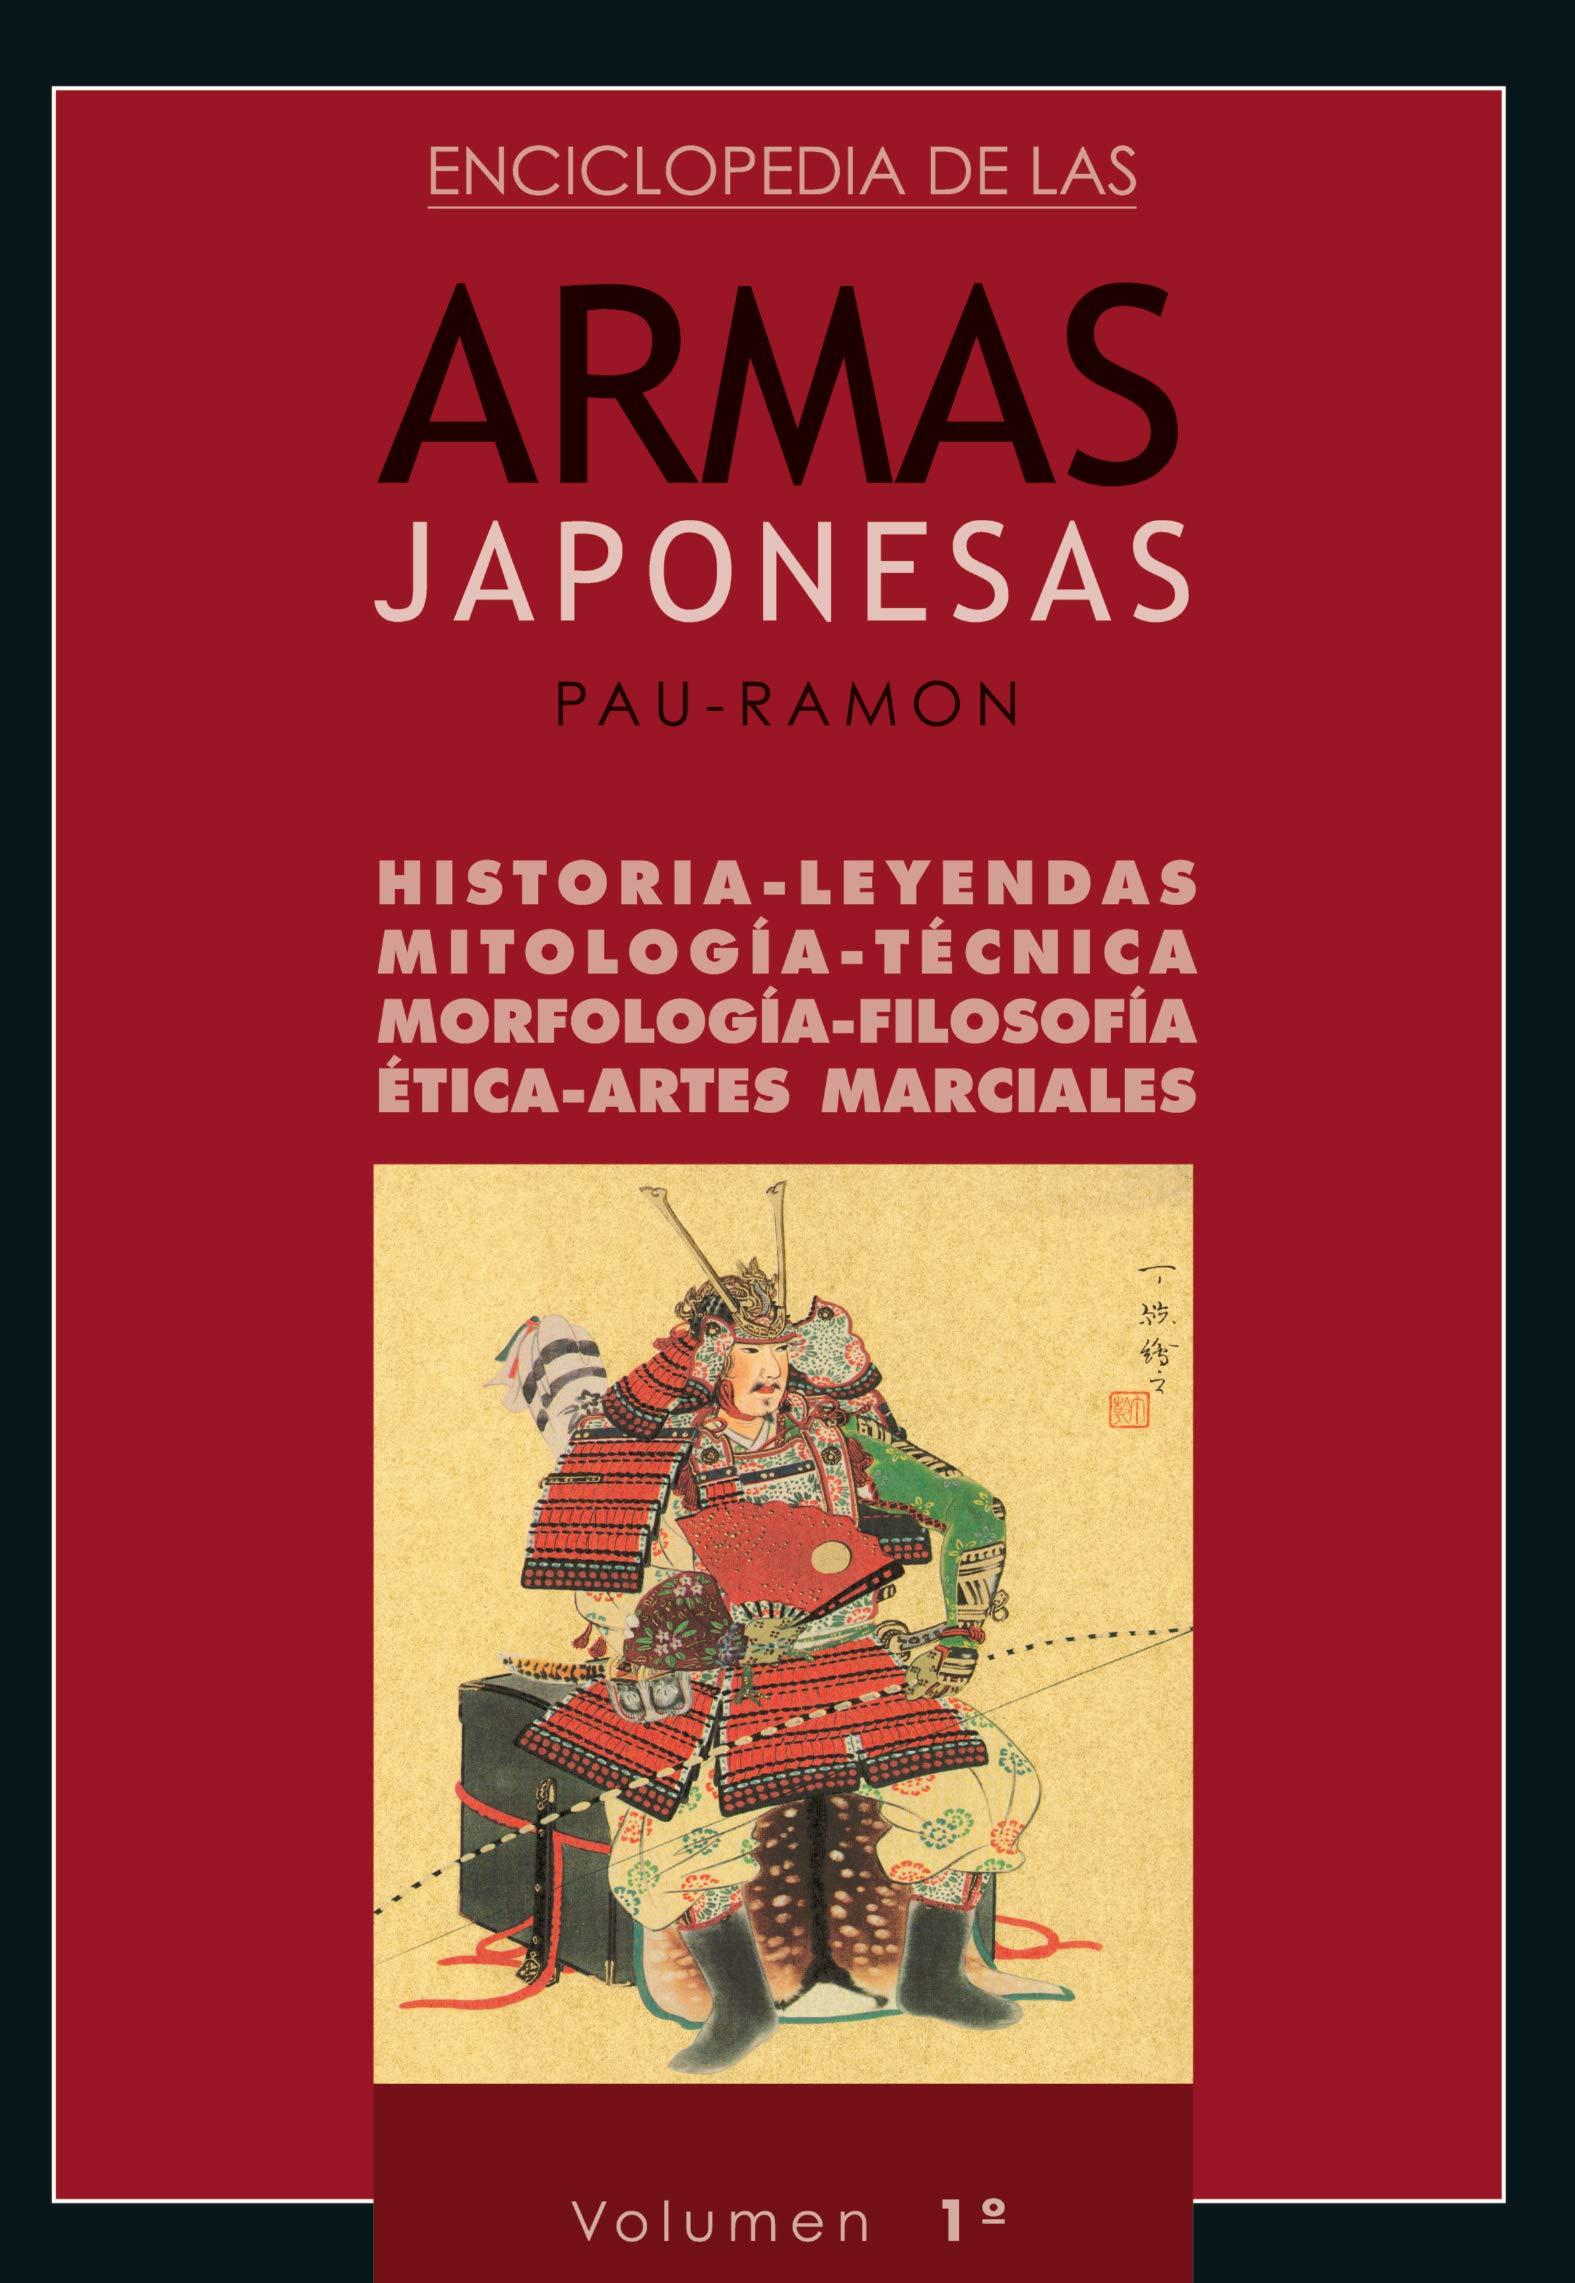 Enciclopedia de las Armas Japonesas (Volumen 1º): Amazon.es: Pau-Ramon Planellas: Libros